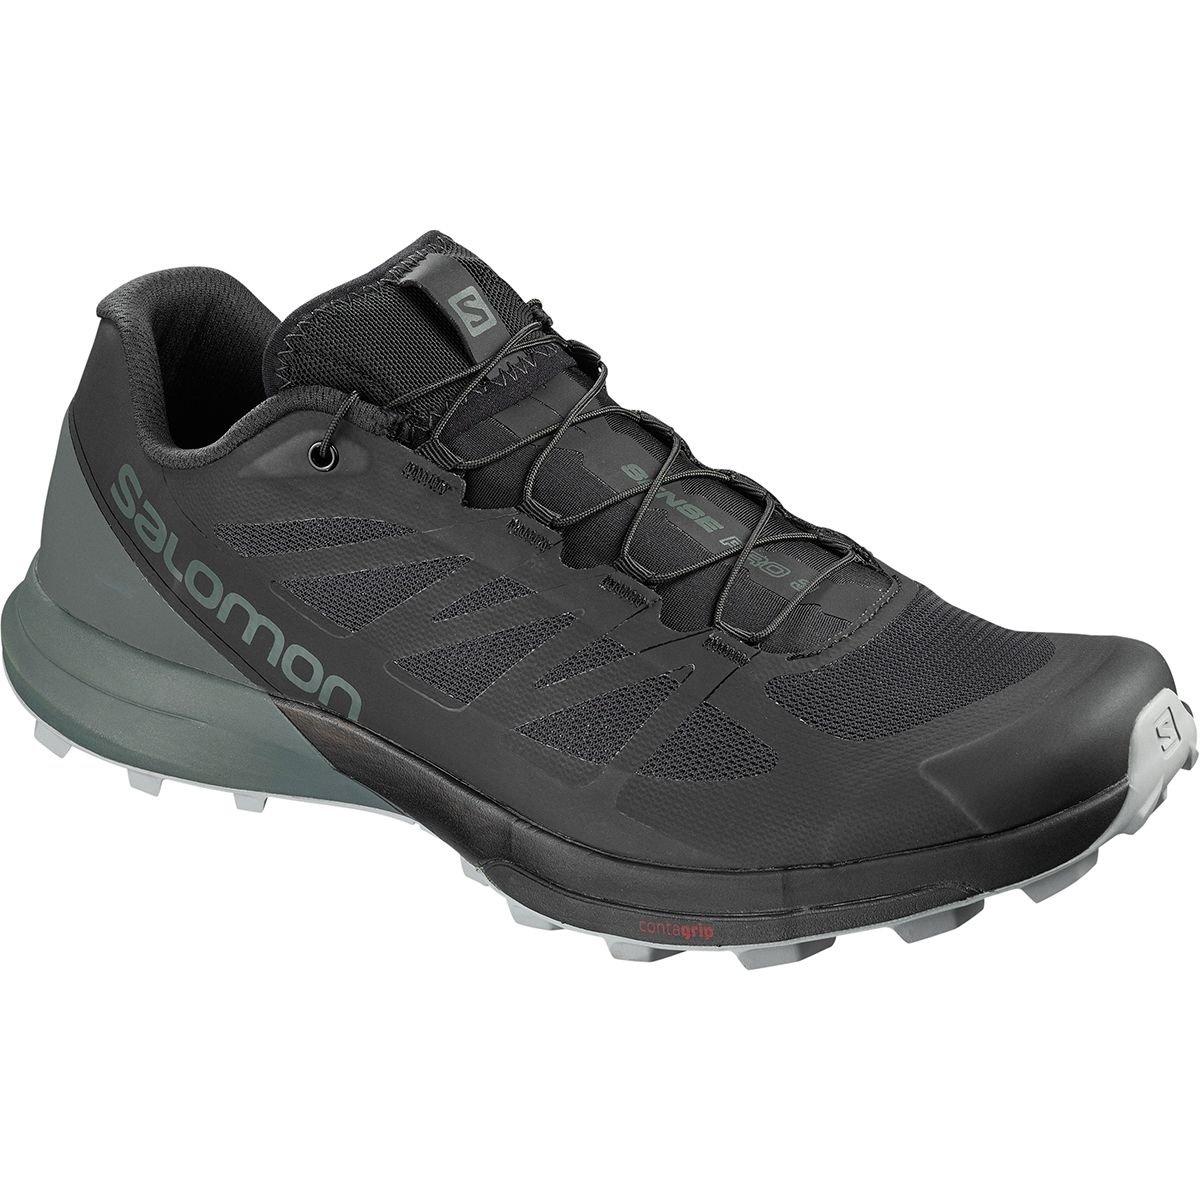 【正規逆輸入品】 [サロモン] メンズ [並行輸入品] 3 ランニング Sense Pro 3 Trail [サロモン] Running Shoe [並行輸入品] B07G4711B4 US-14.0/UK-13.5, パウスカートショップ:61bc3c34 --- trademark.officeporto.com